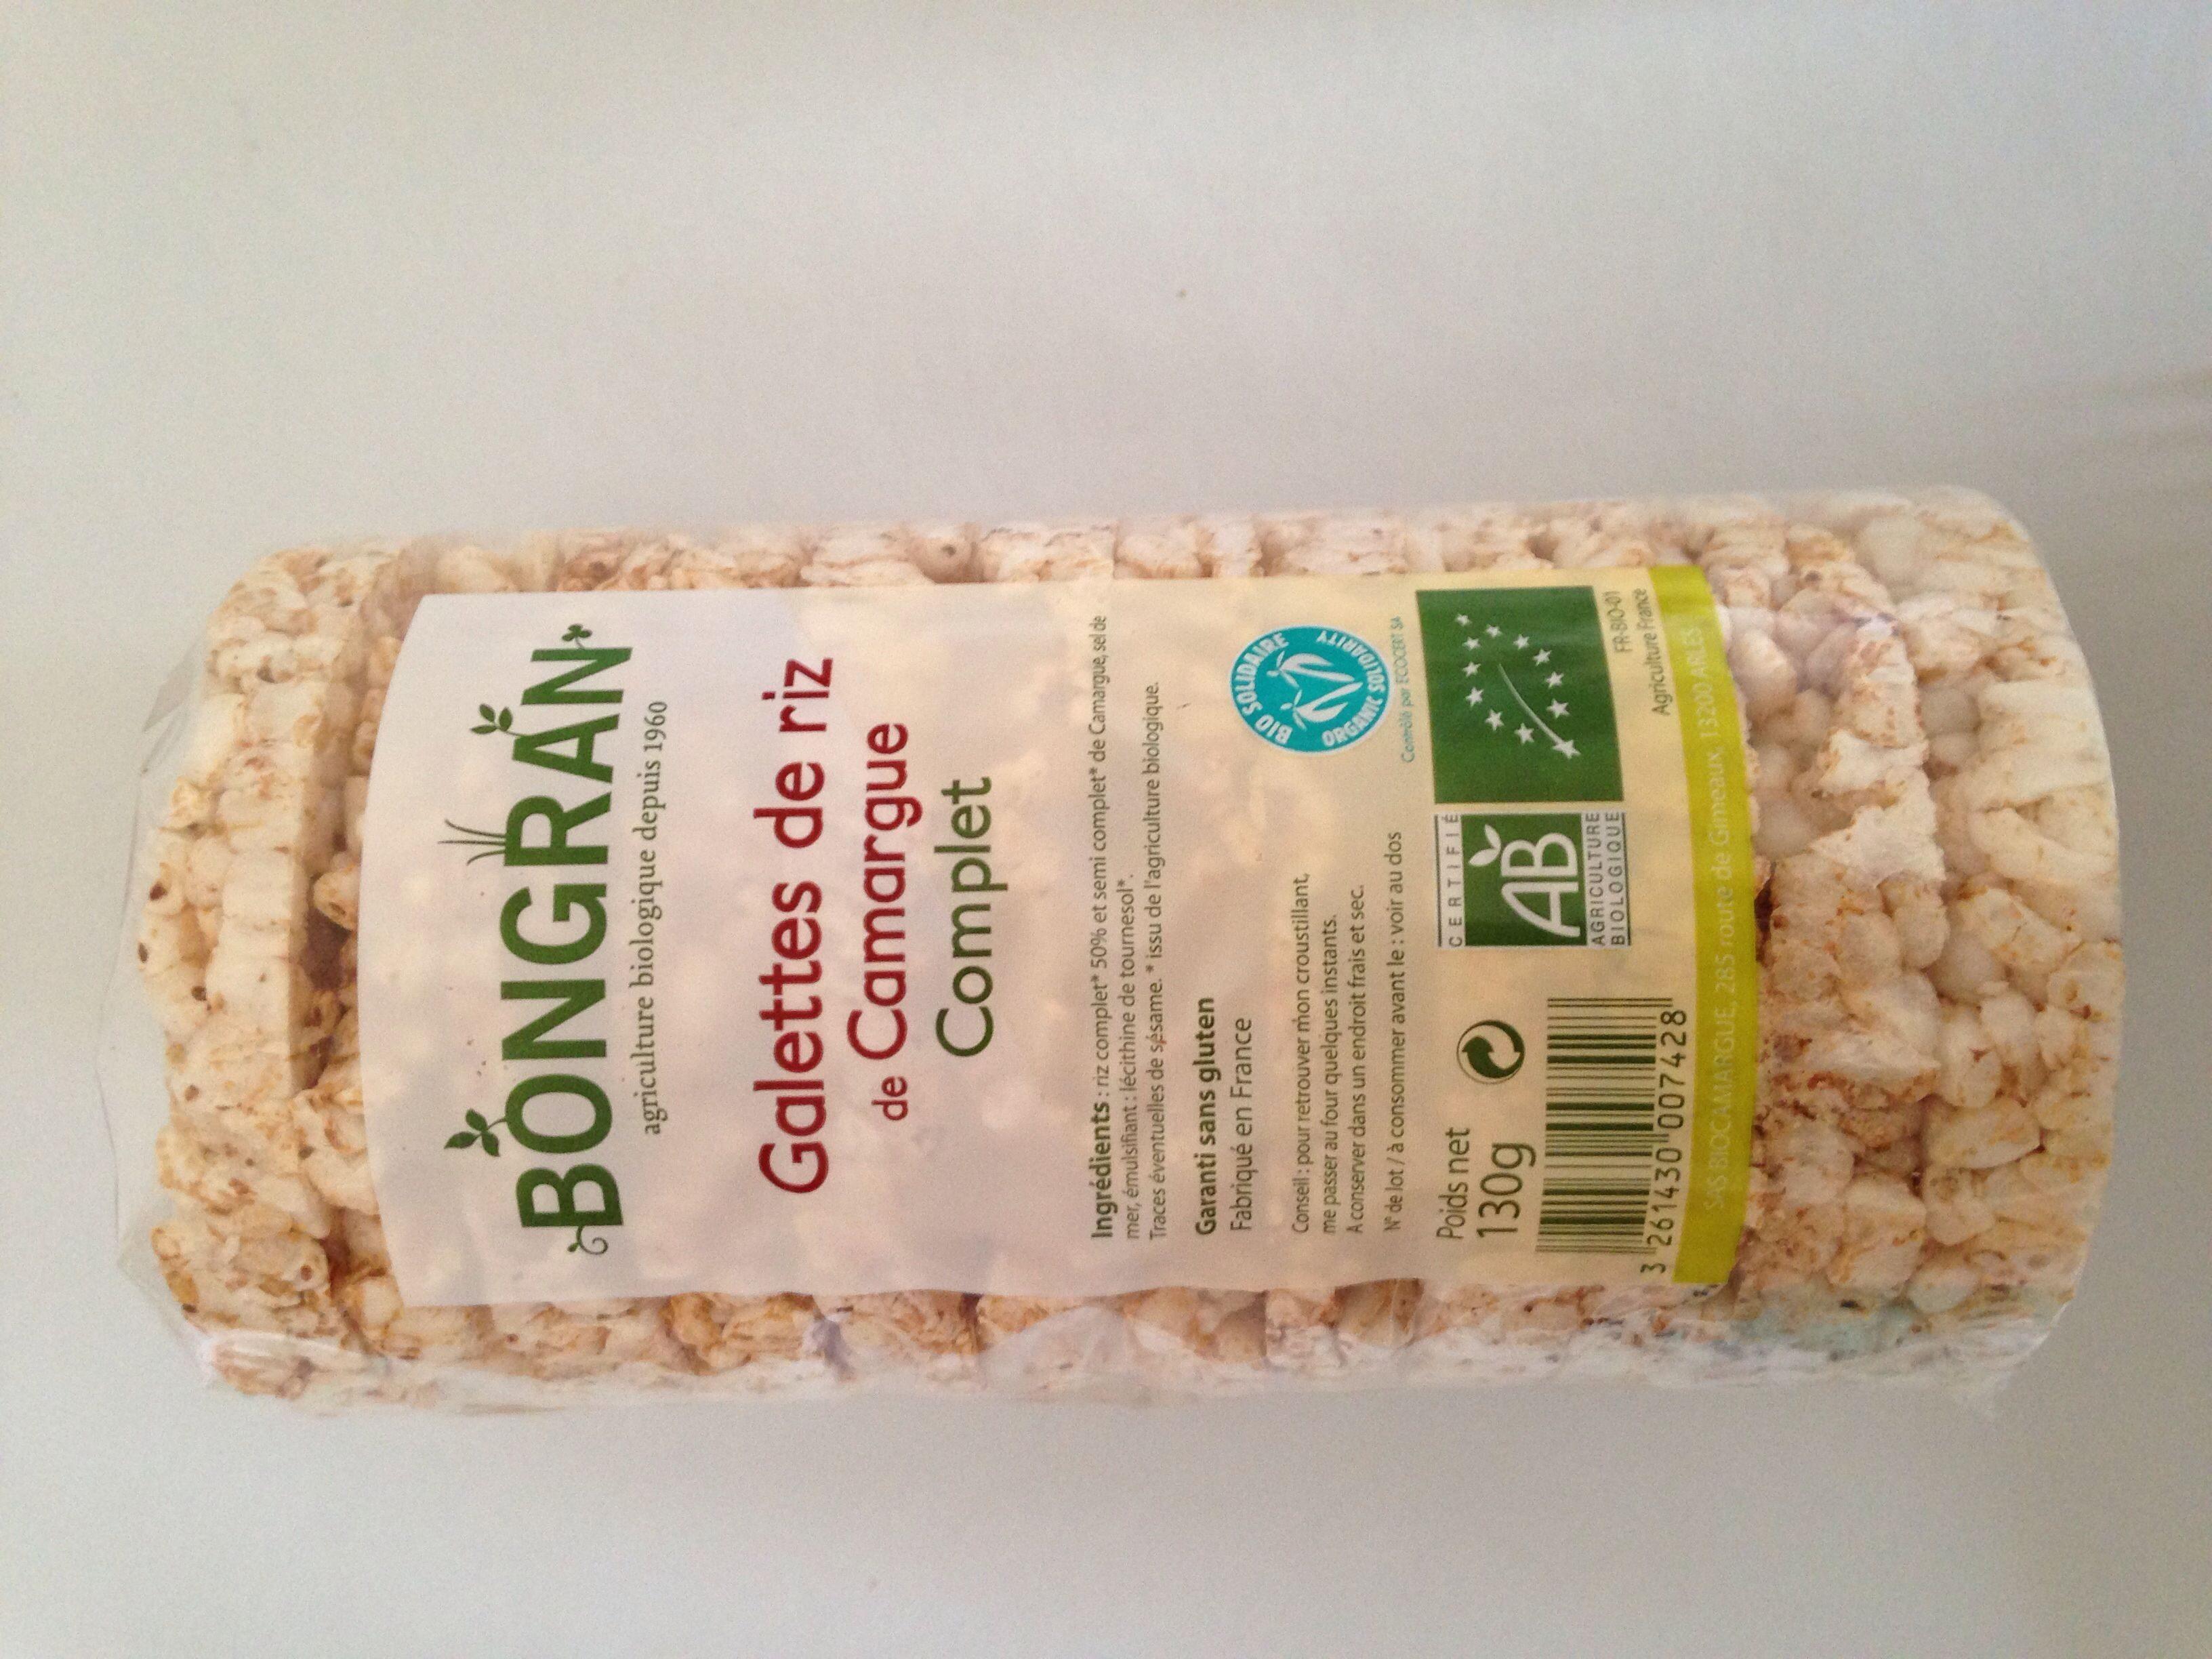 Galettes de riz de Camargue complet - Ingrédients - fr